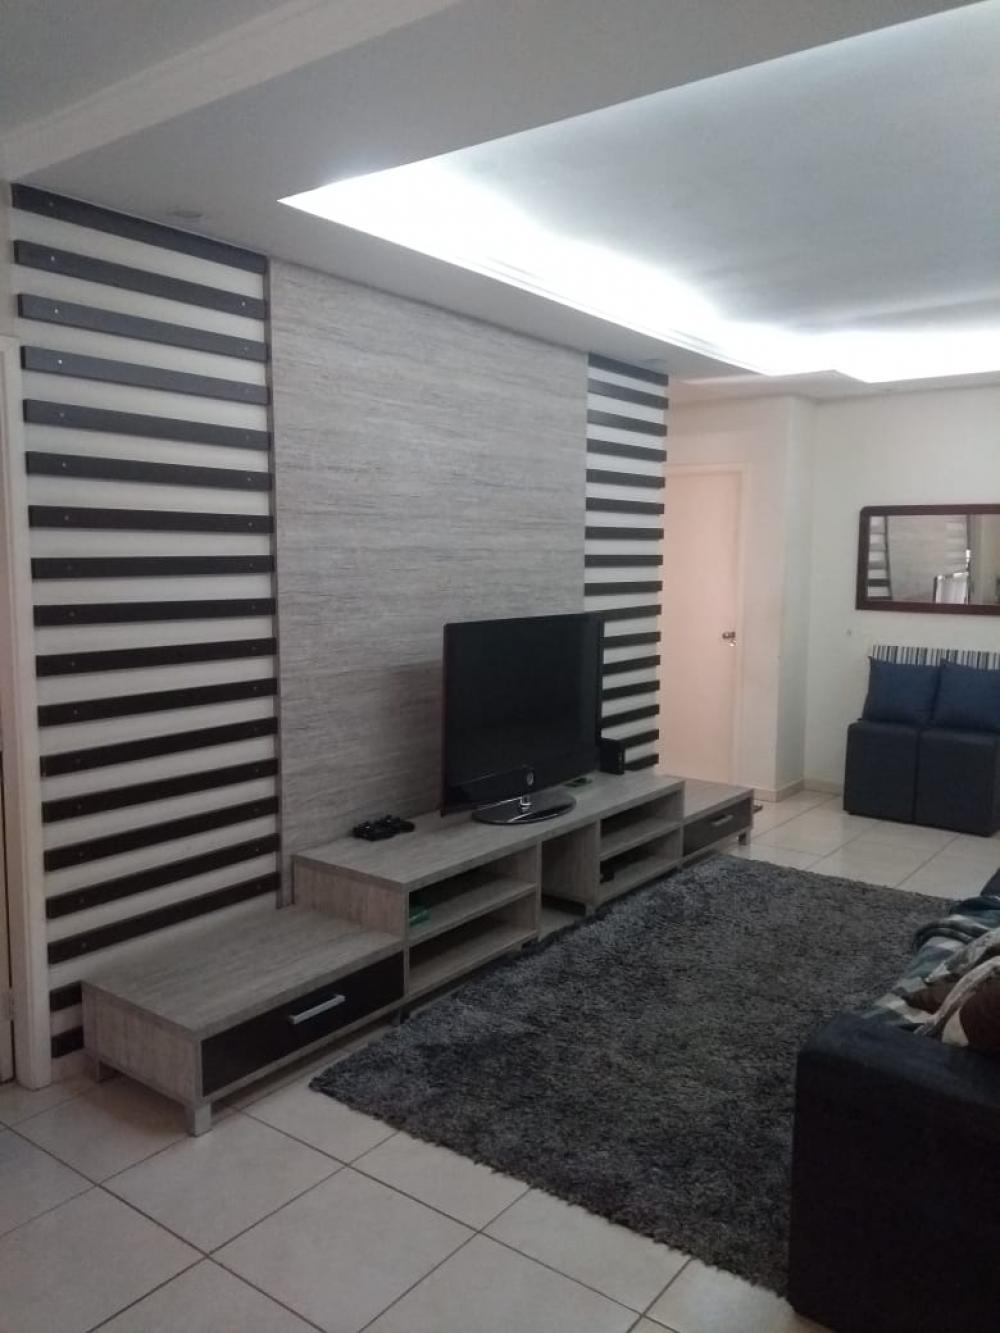 Comprar Casa / Condomínio em São José do Rio Preto R$ 500.000,00 - Foto 10